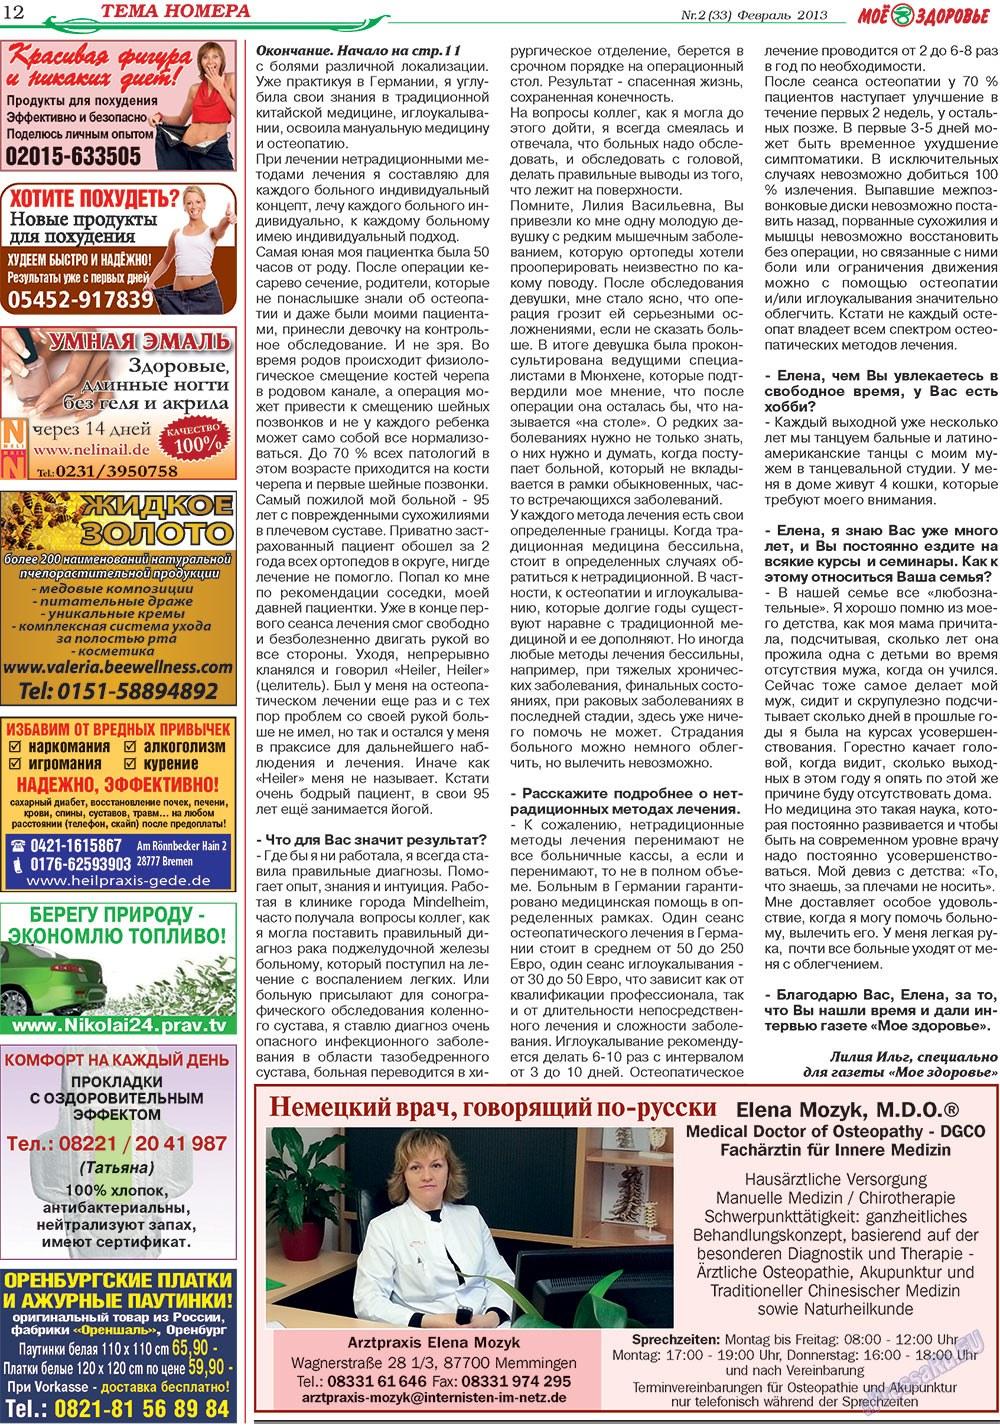 Кругозор (газета). 2013 год, номер 2, стр. 12